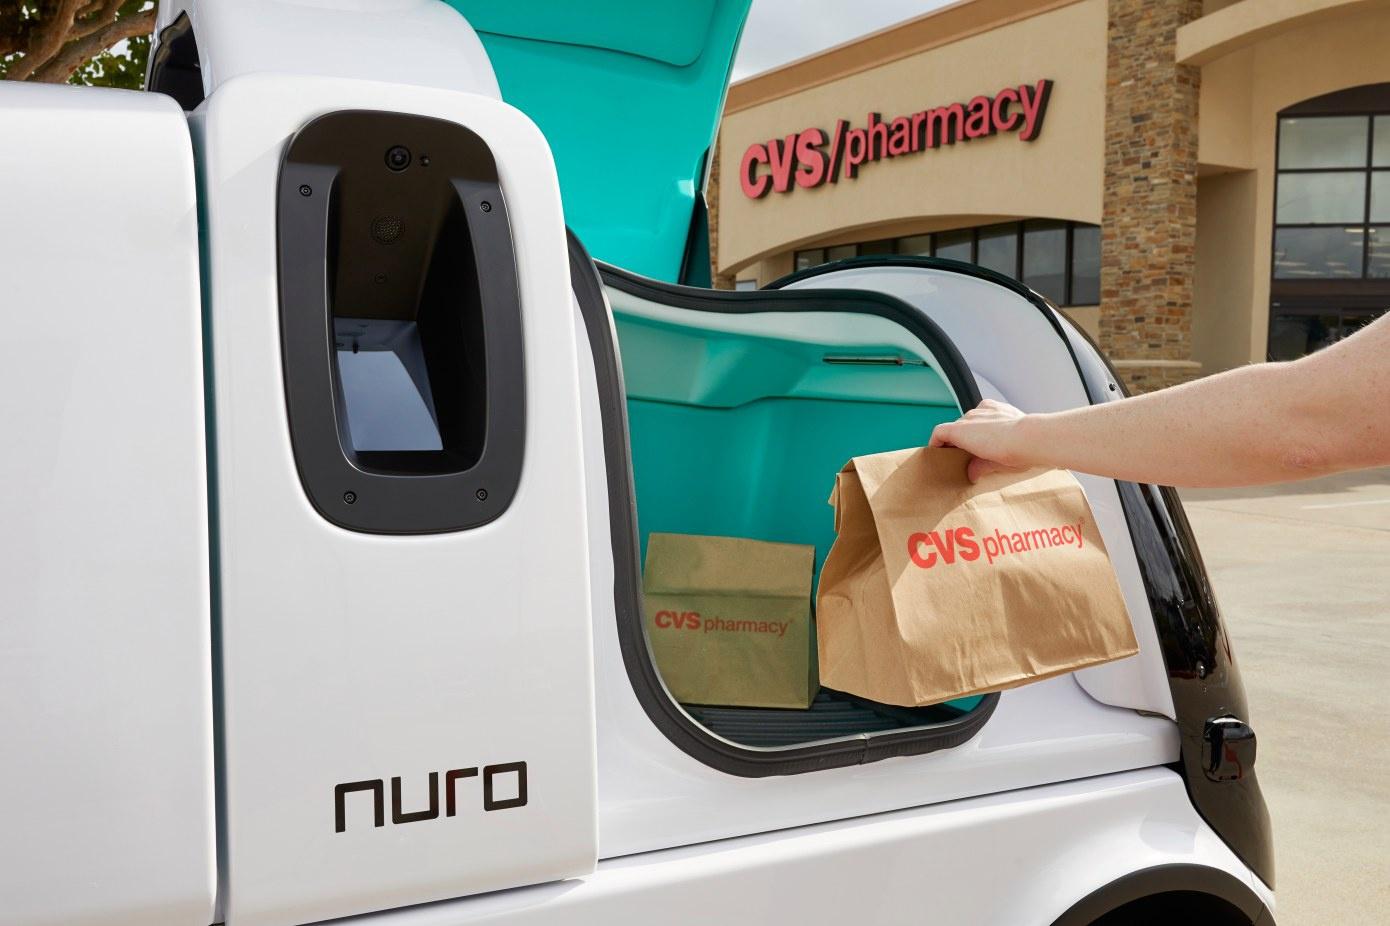 软银投资的美国自动驾驶公司Nuro开始上门送药,此前曾与沃尔玛等大型超市合作